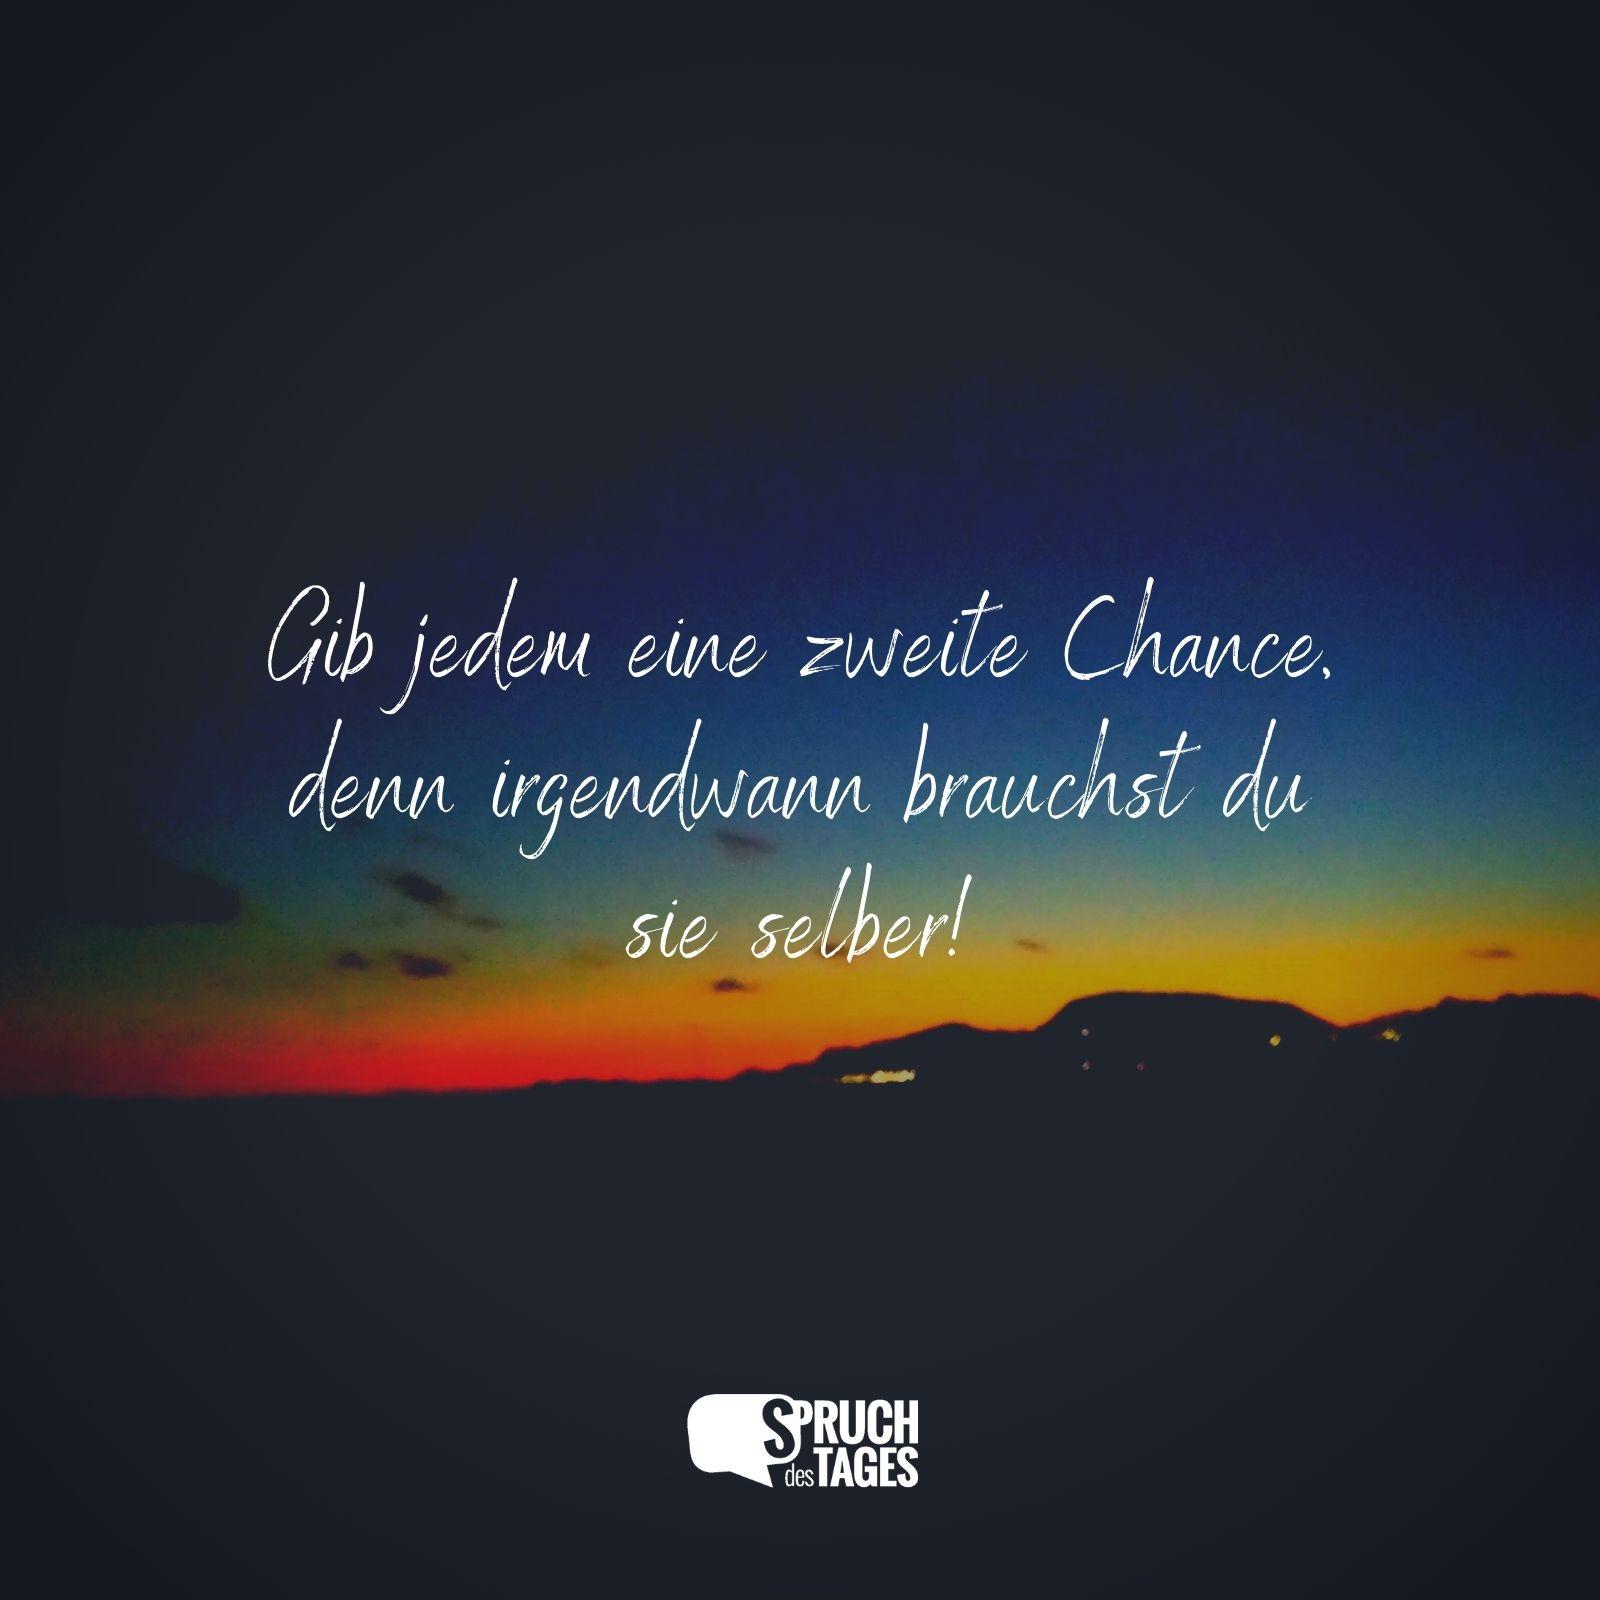 Gib Jedem Eine Zweite Chance Denn Irgendwann Brauchst Du